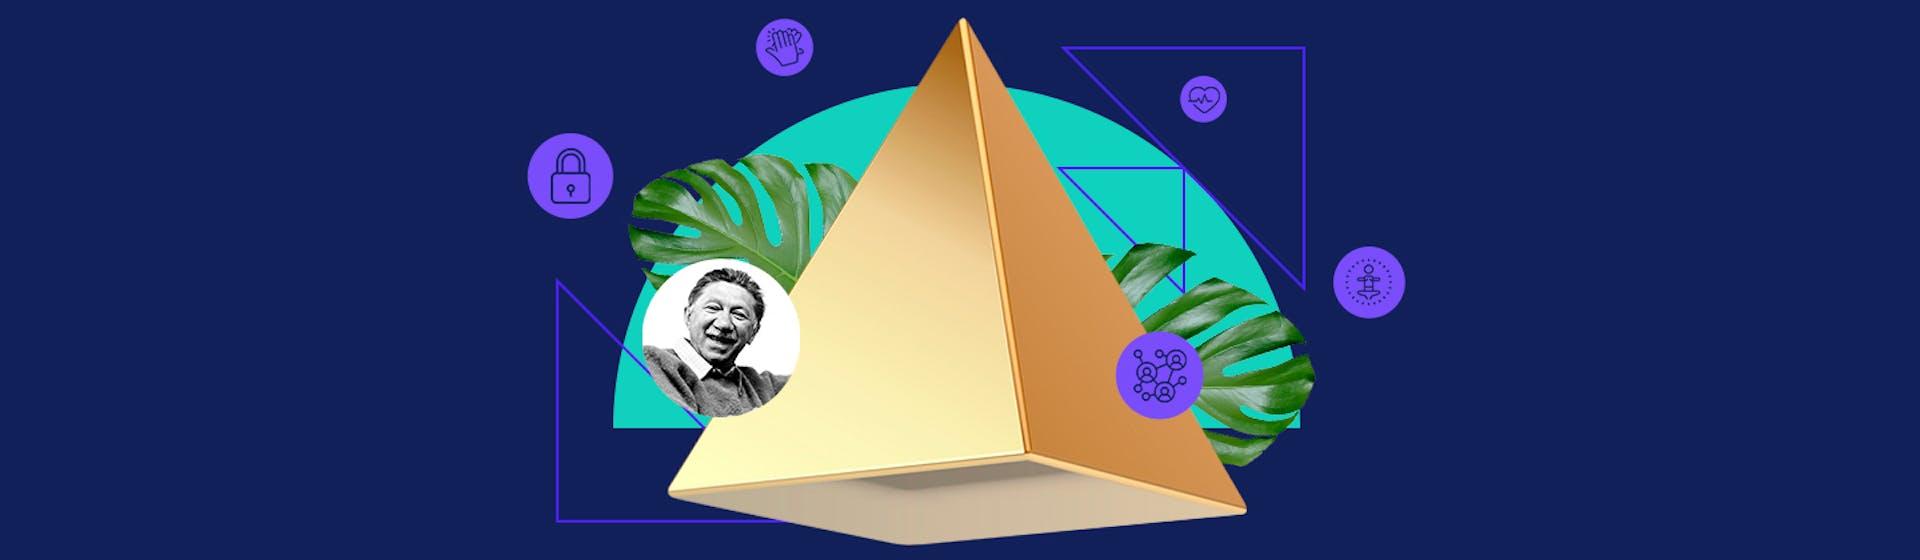 ¿Qué es la pirámide de Maslow? Todo sobre la jerarquía de necesidades humanas